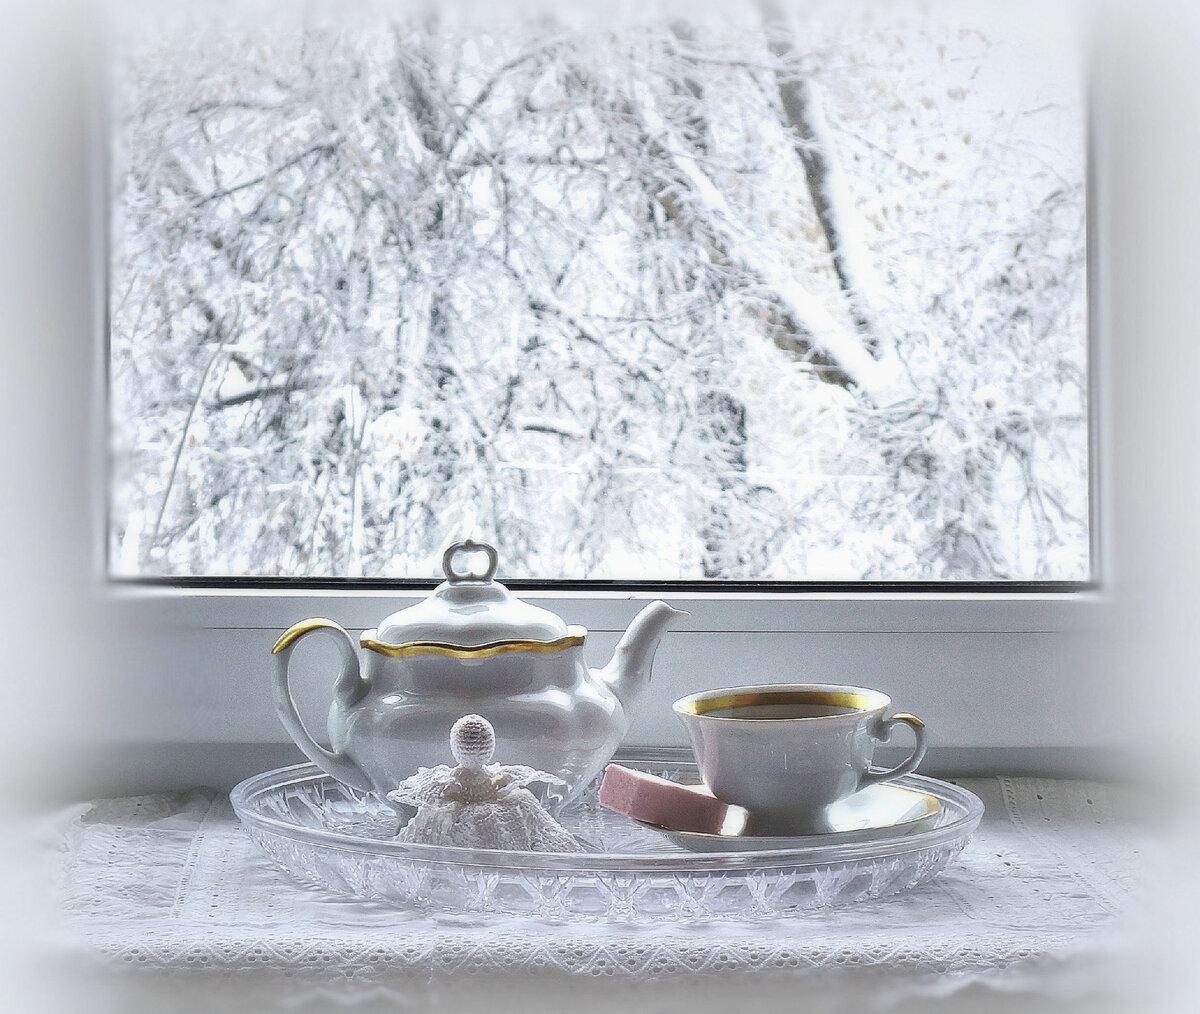 чашка кофе и за окном зима картинка